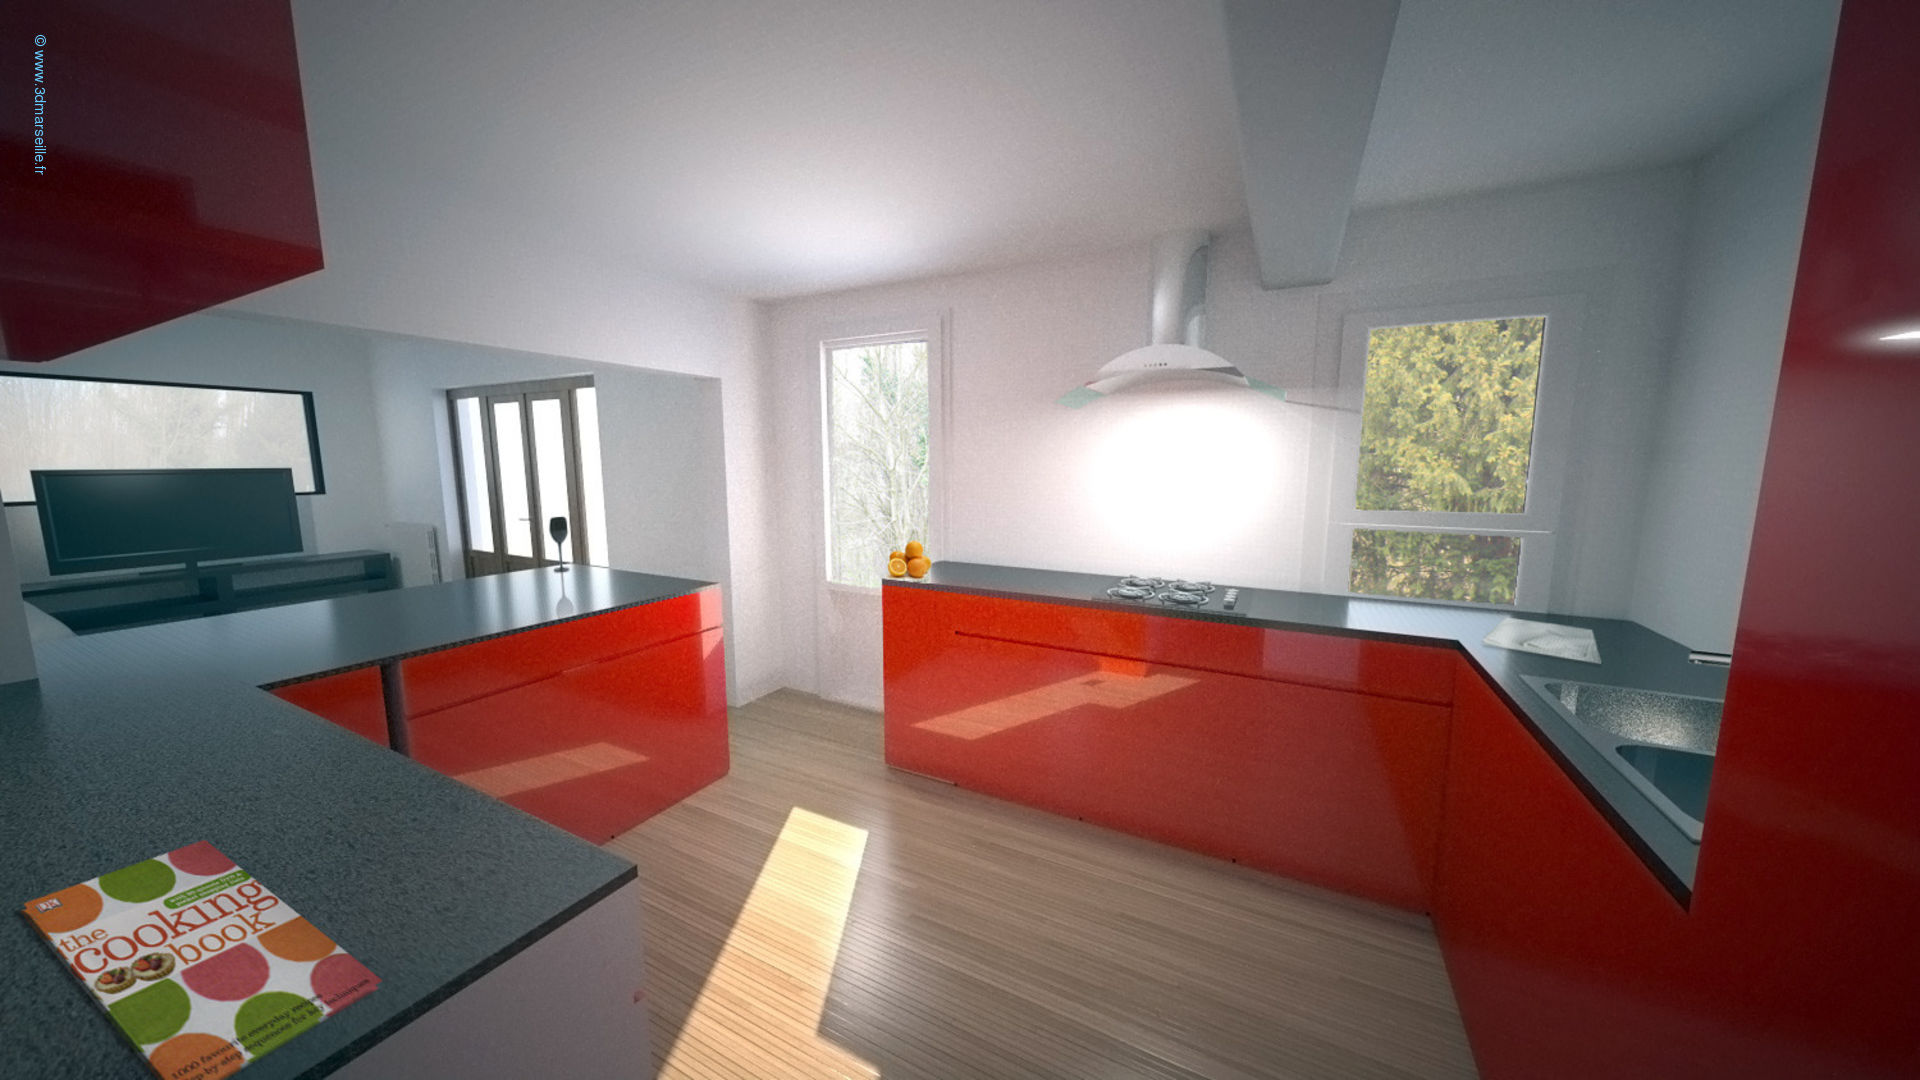 Projet d am nagement int rieur maison individuelle 3d for Interieur 3d